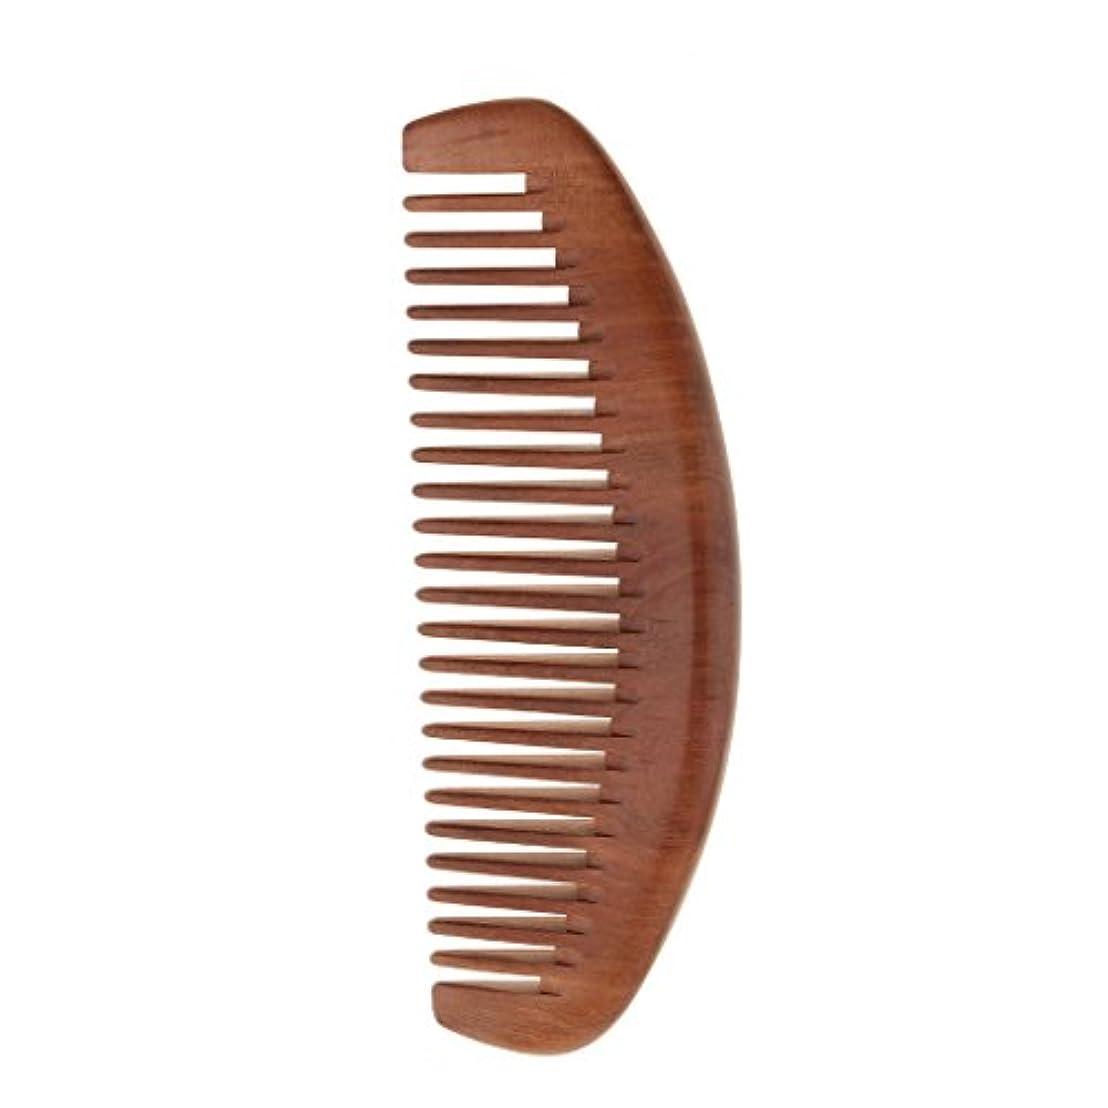 安全でない住居ブロックするDYNWAVE 櫛 セットコーム 木製 ヘアコーム ヘアケア 頭皮マッサージ 静電気防止 桃の木 全2種類 - ワイド歯